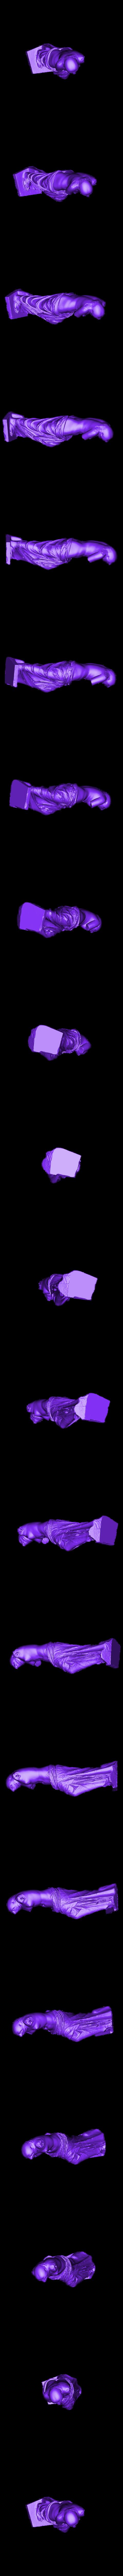 untitled1.stl Télécharger fichier STL gratuit Paresseux de Milo • Plan imprimable en 3D, LukeSmithPDM